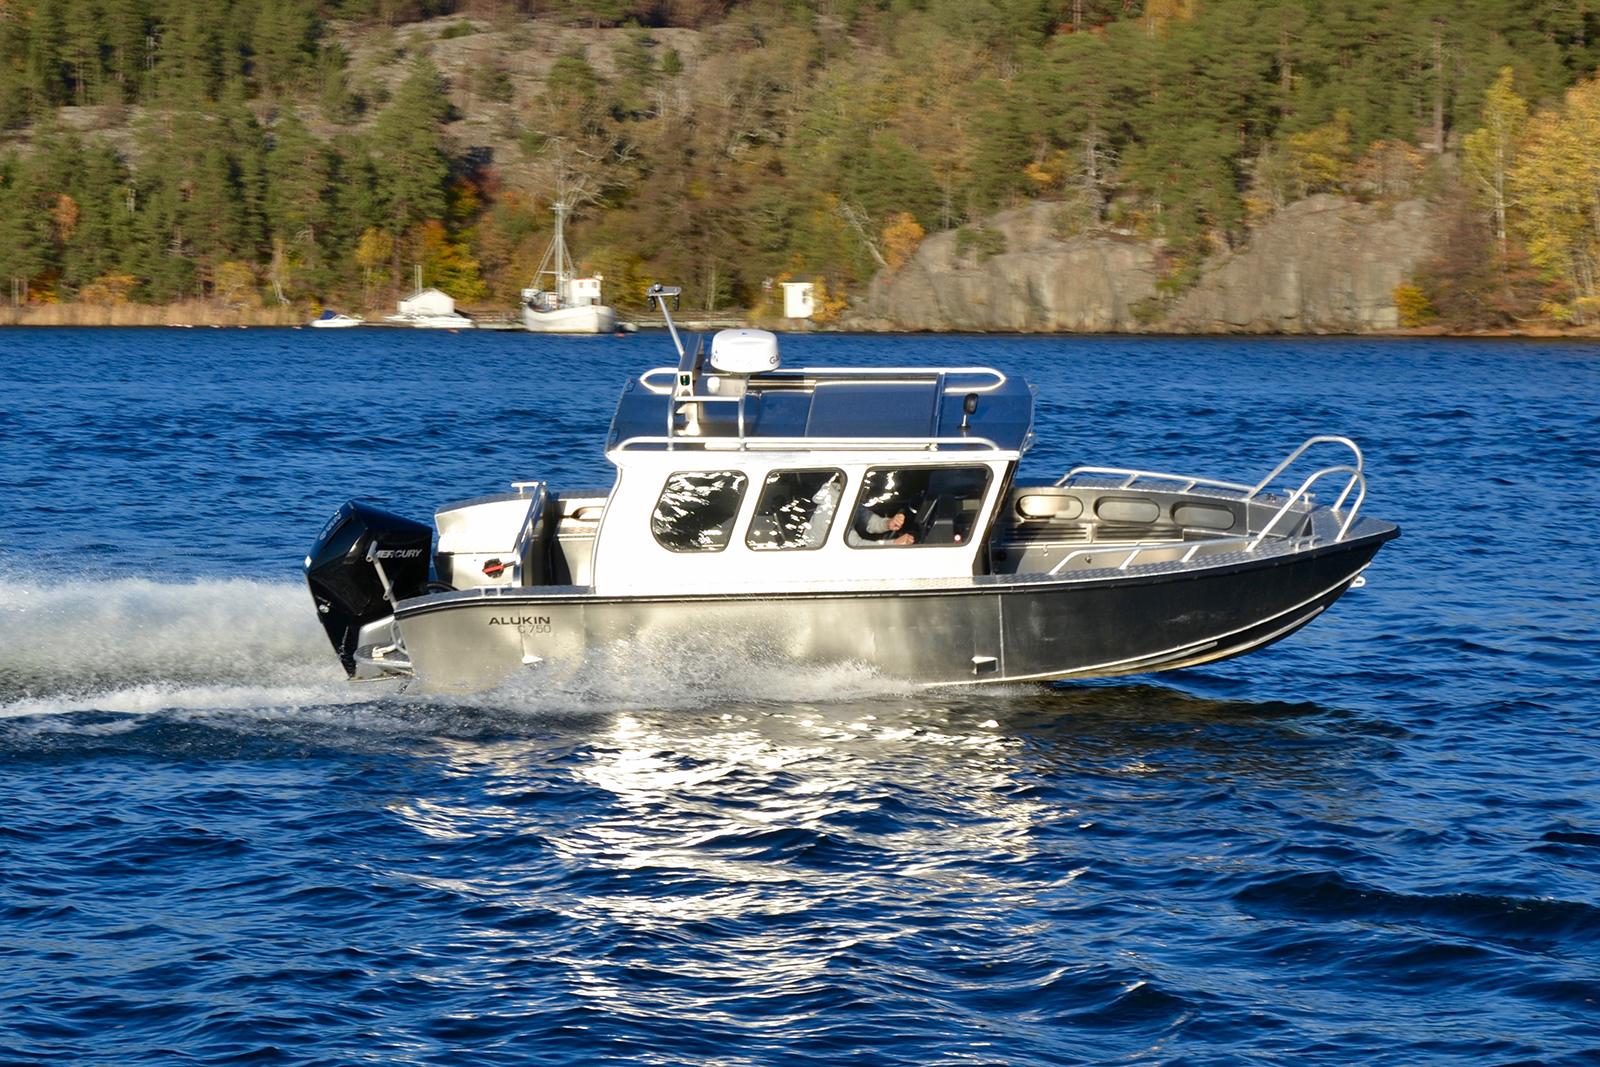 alukin c 750 från Flipper Marin